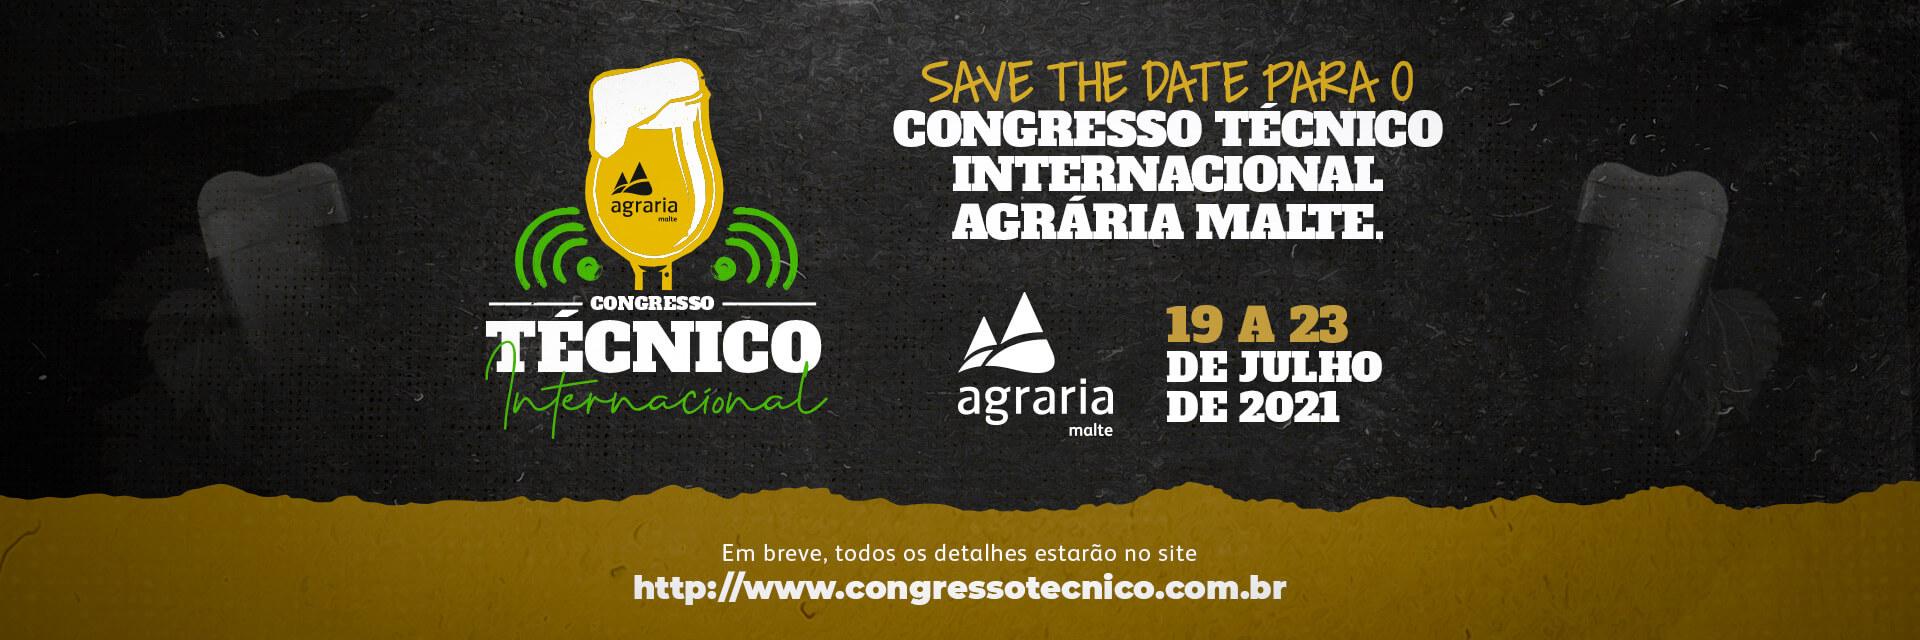 banner-congresso-tecnico-mobile.jpg